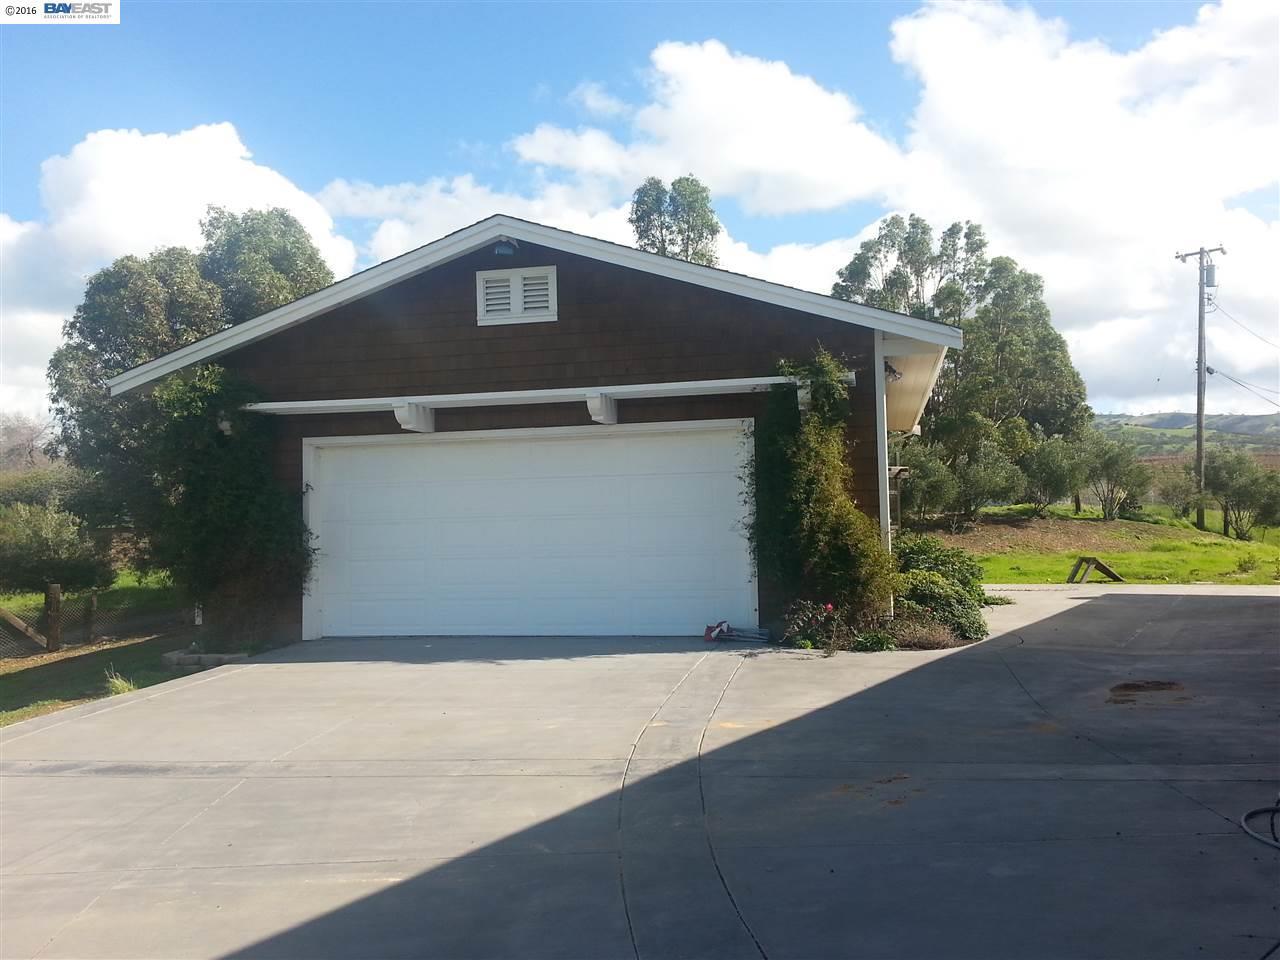 10011 Tesla Rd, Livermore CA 94550